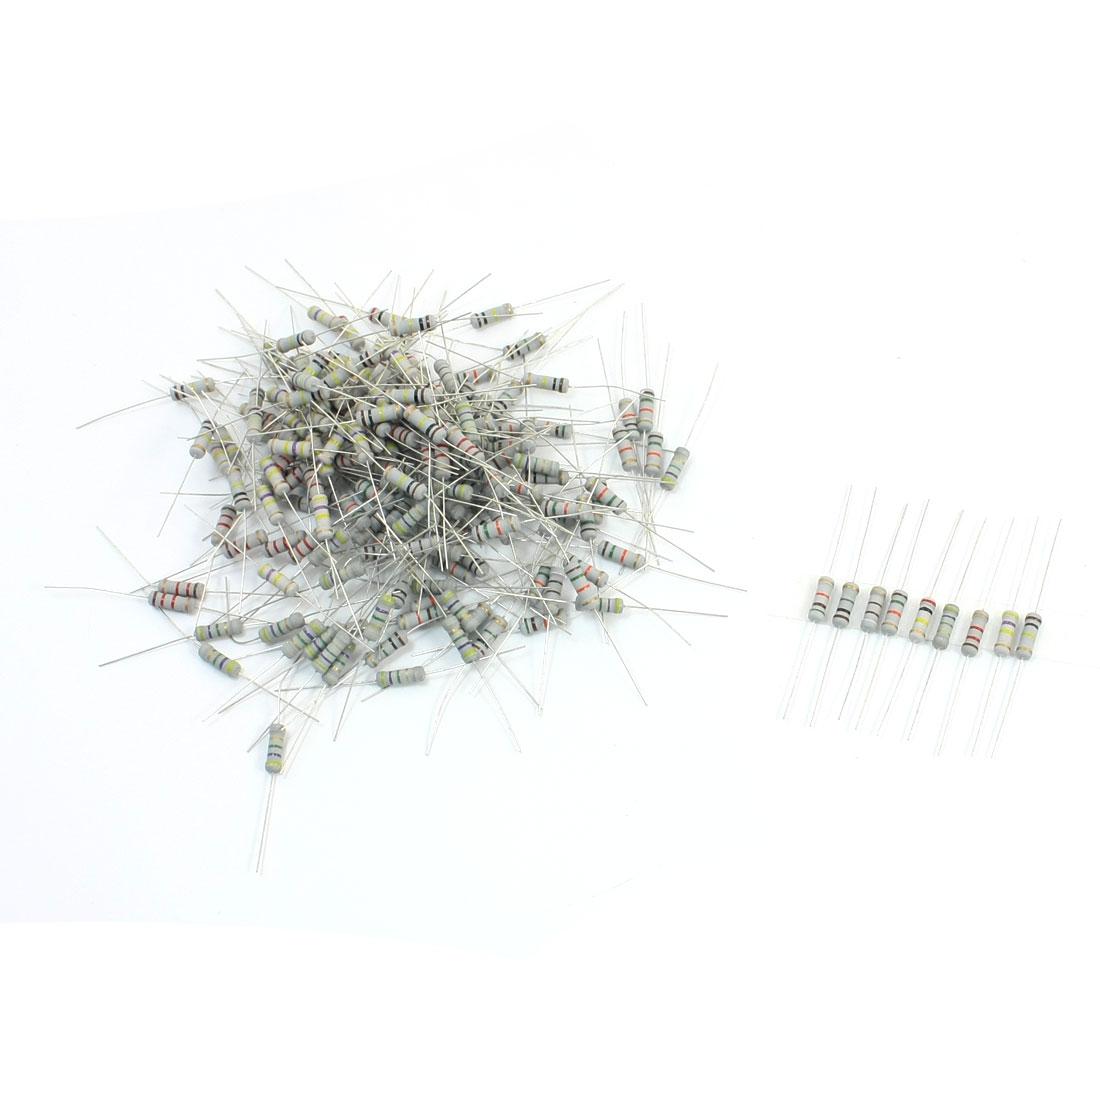 200pcs 10 Values Carbon Film Resistors 910-4.7M 5% 1W Assortment Set